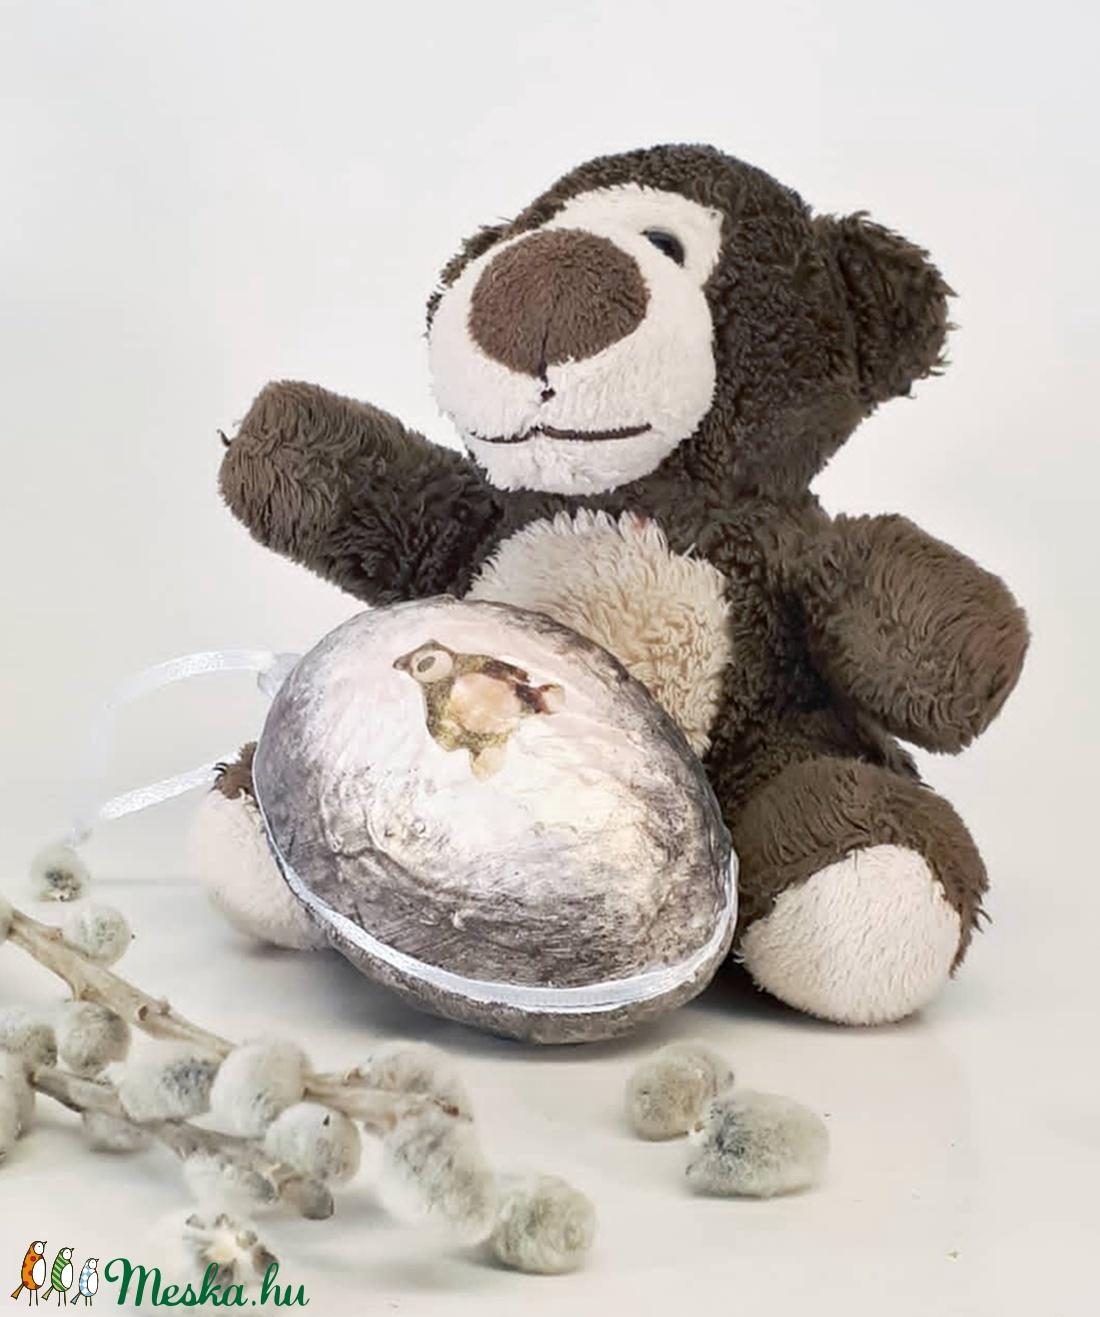 Macis meglepetés tojás macis húsvéti tojás nem csak húsvétra, névnapra, szülinapra, gyermeknapra. (Biborvarazs) - Meska.hu